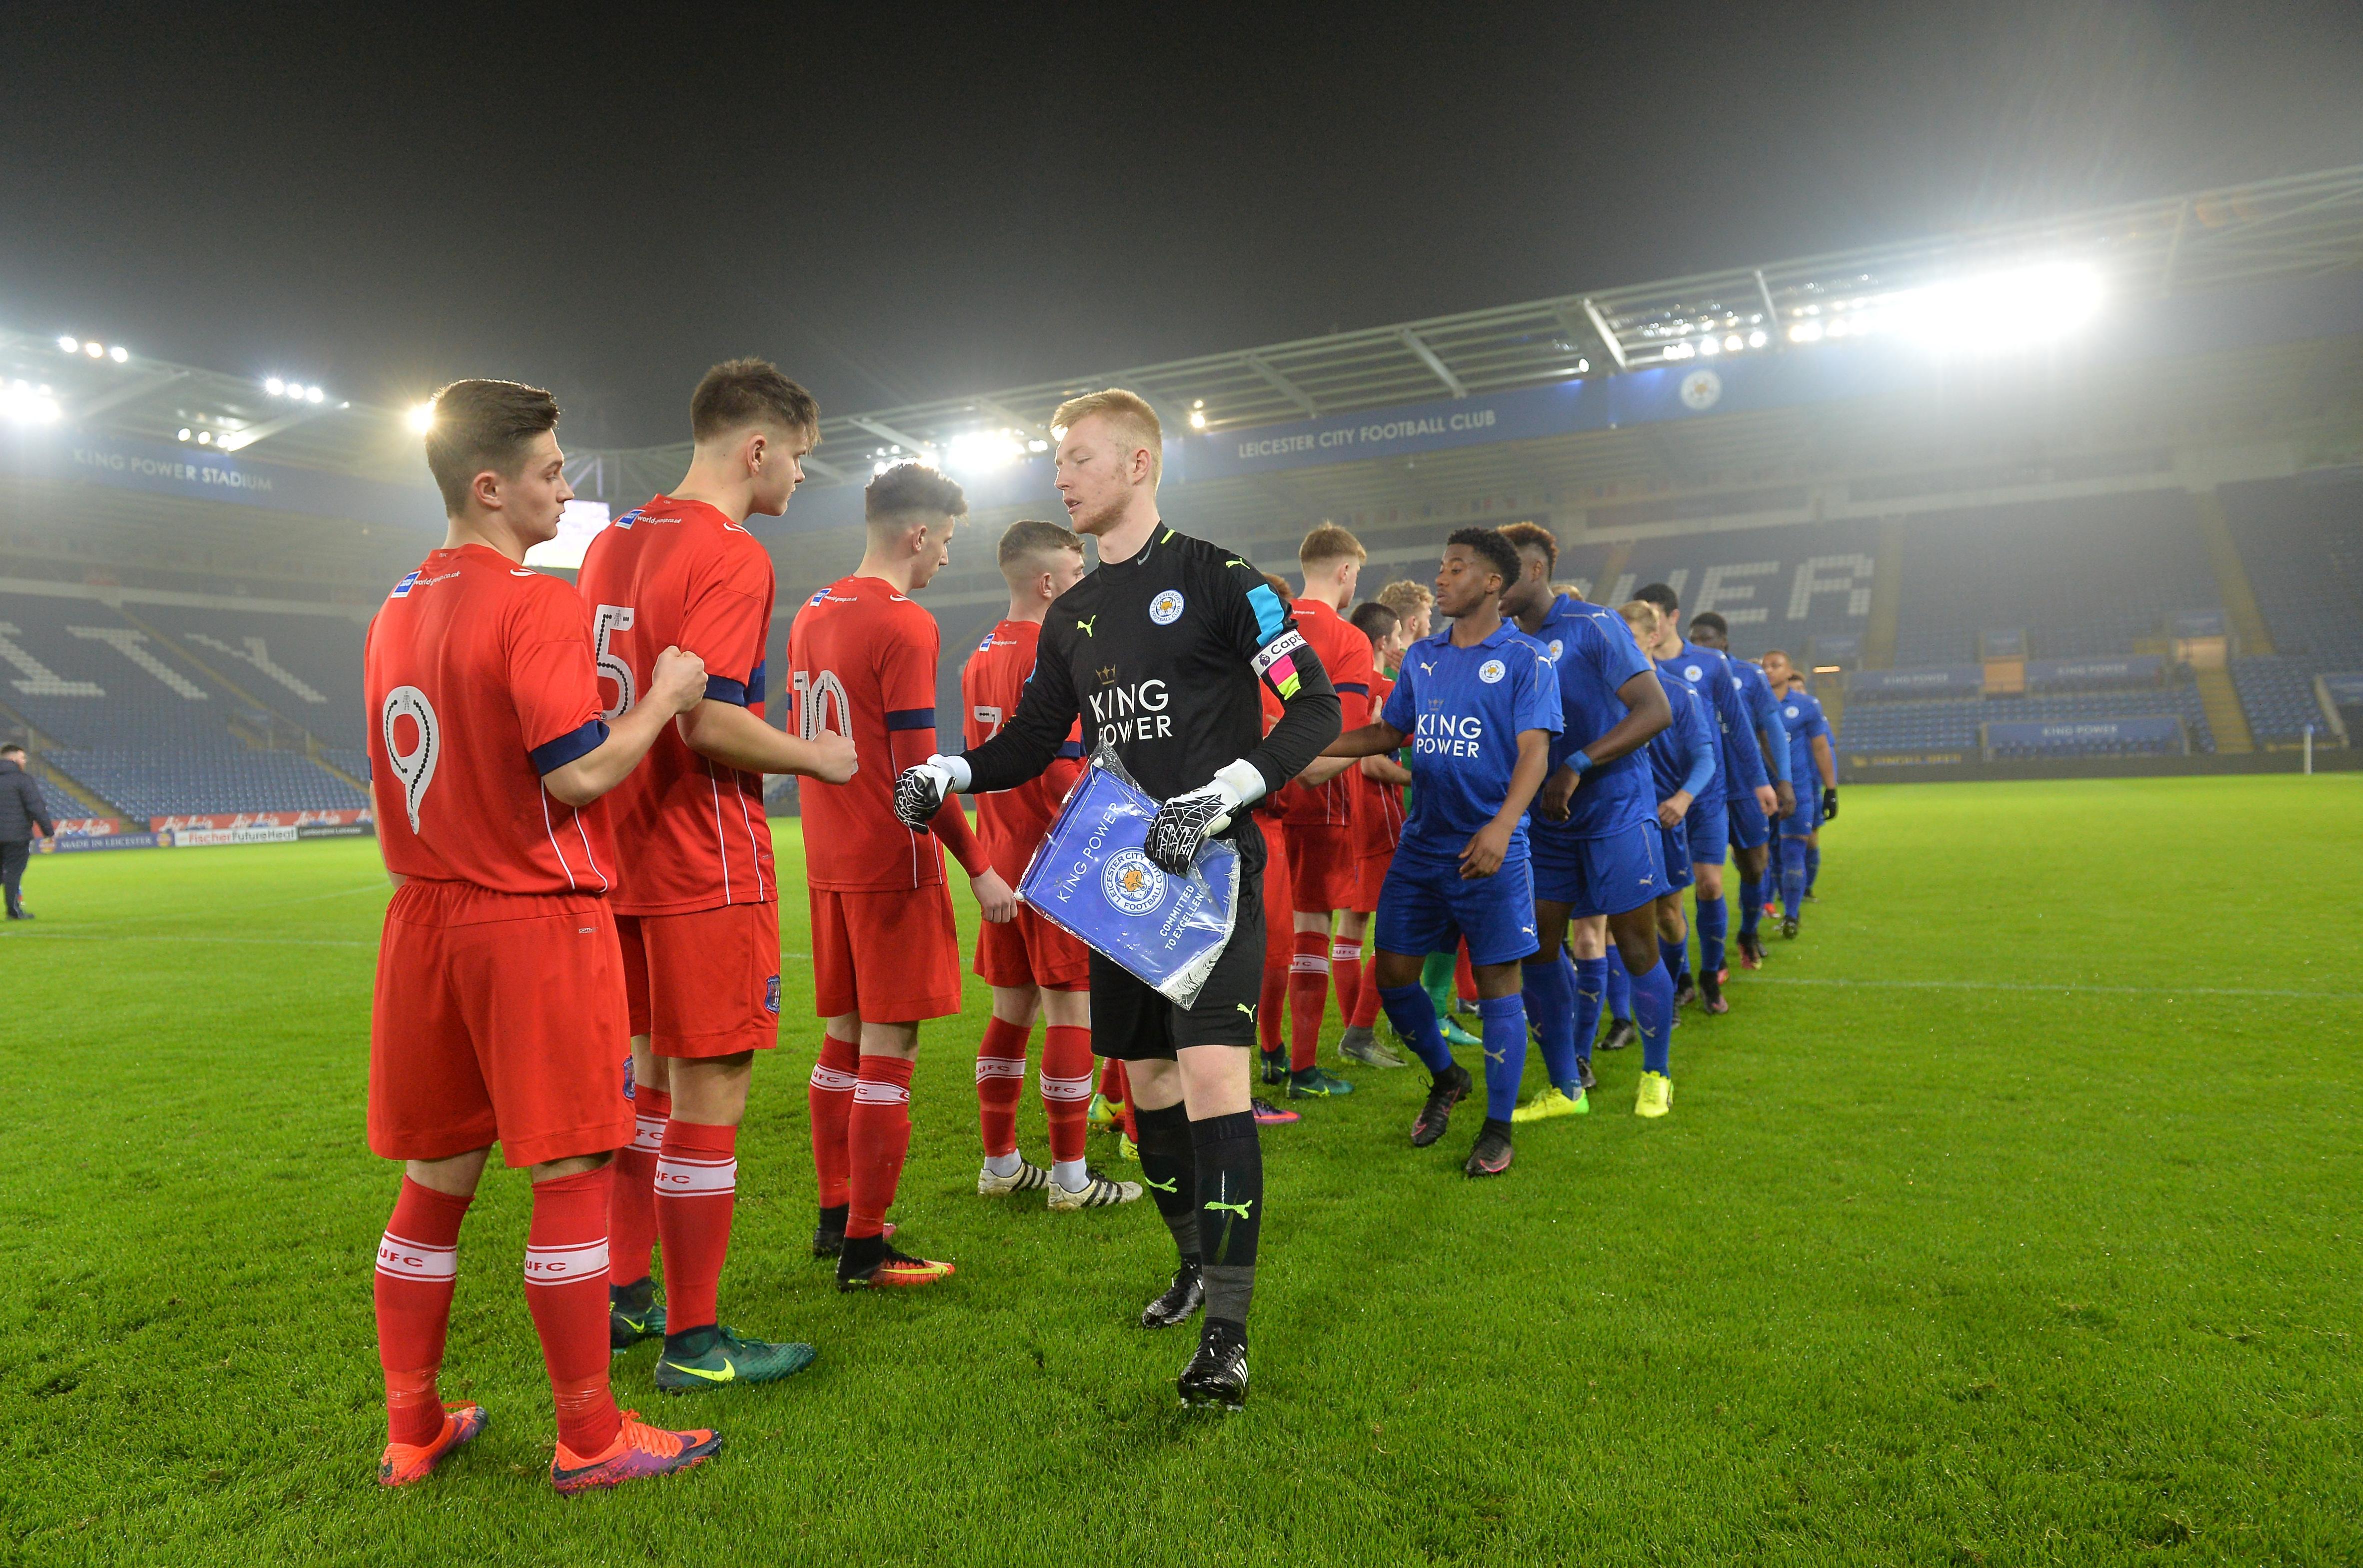 U18 Premier League